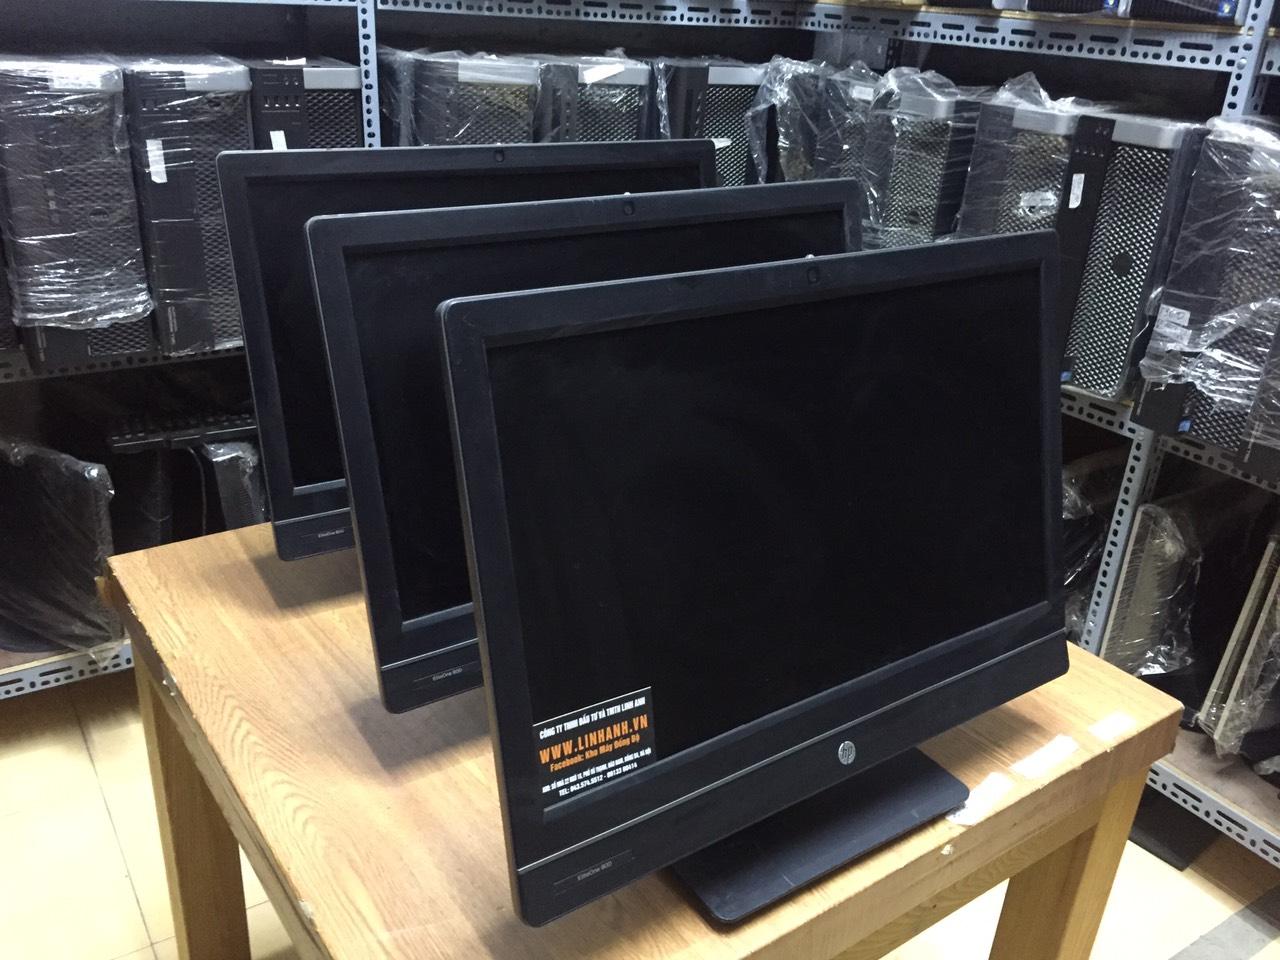 Case liền màn HP 600G1 (01)